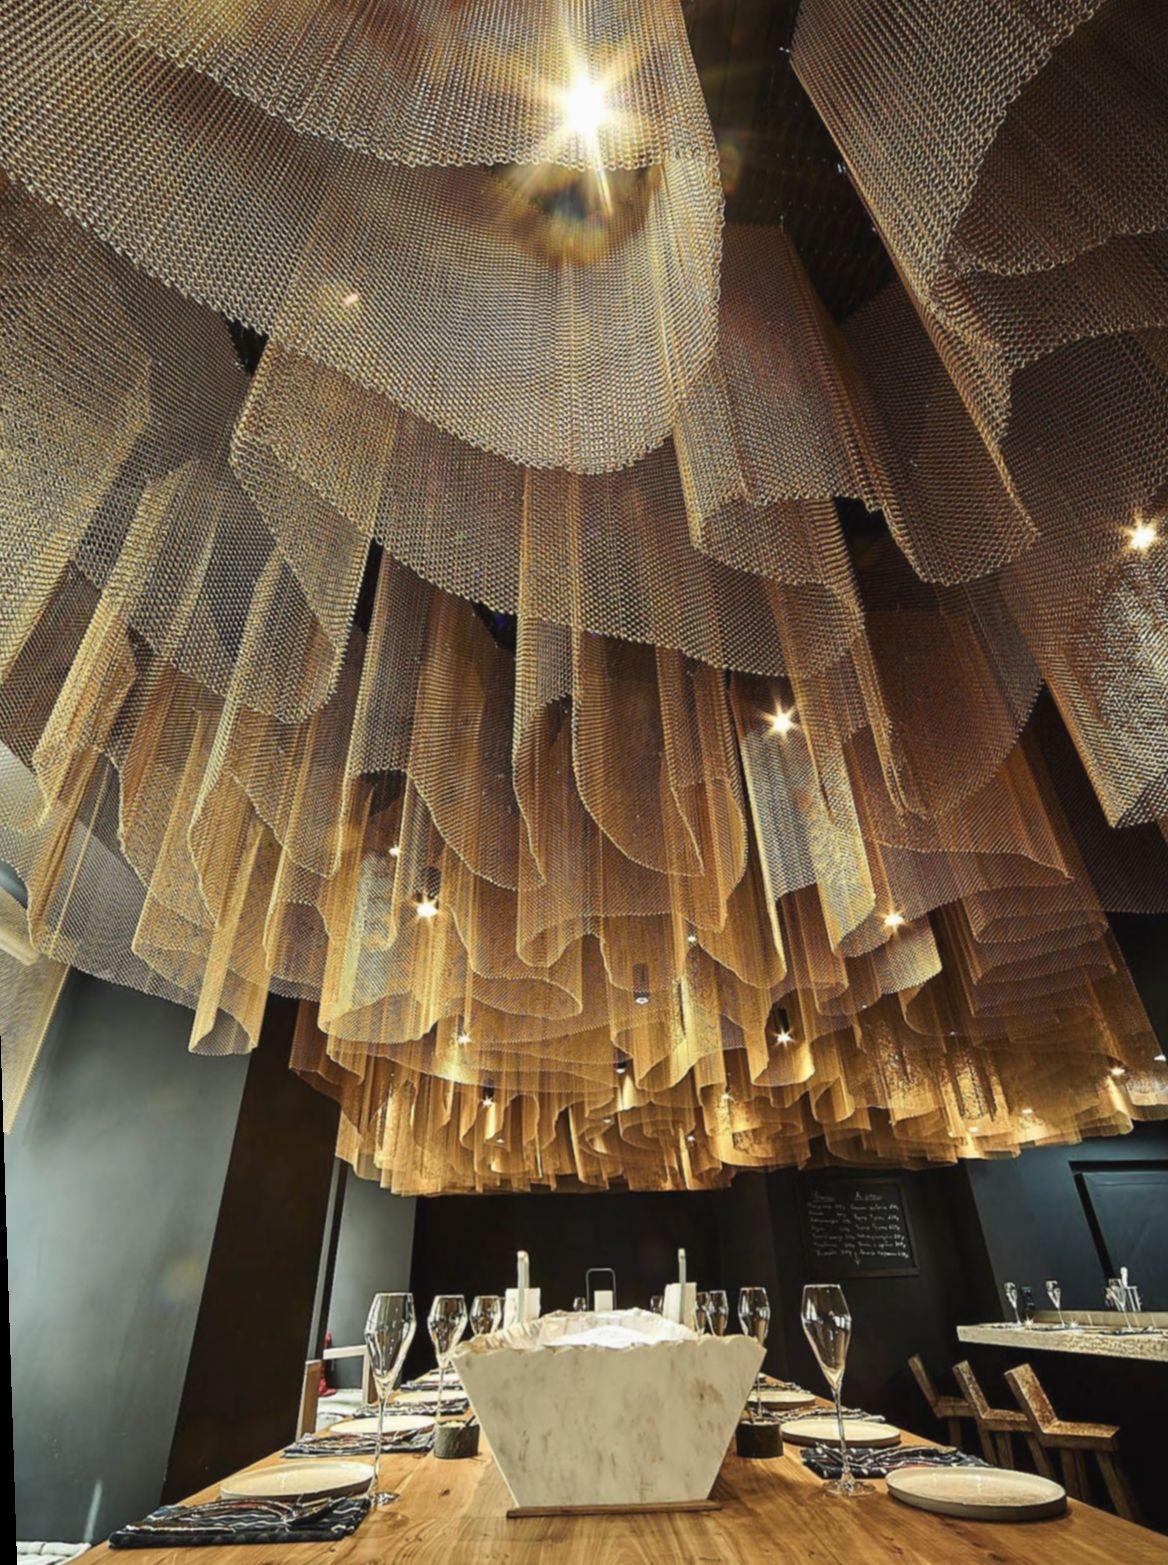 Dinner Table Design Round Insiderfood Thisisinsider Feedfeed In 2020 Lakberendezes Etterem Otthon